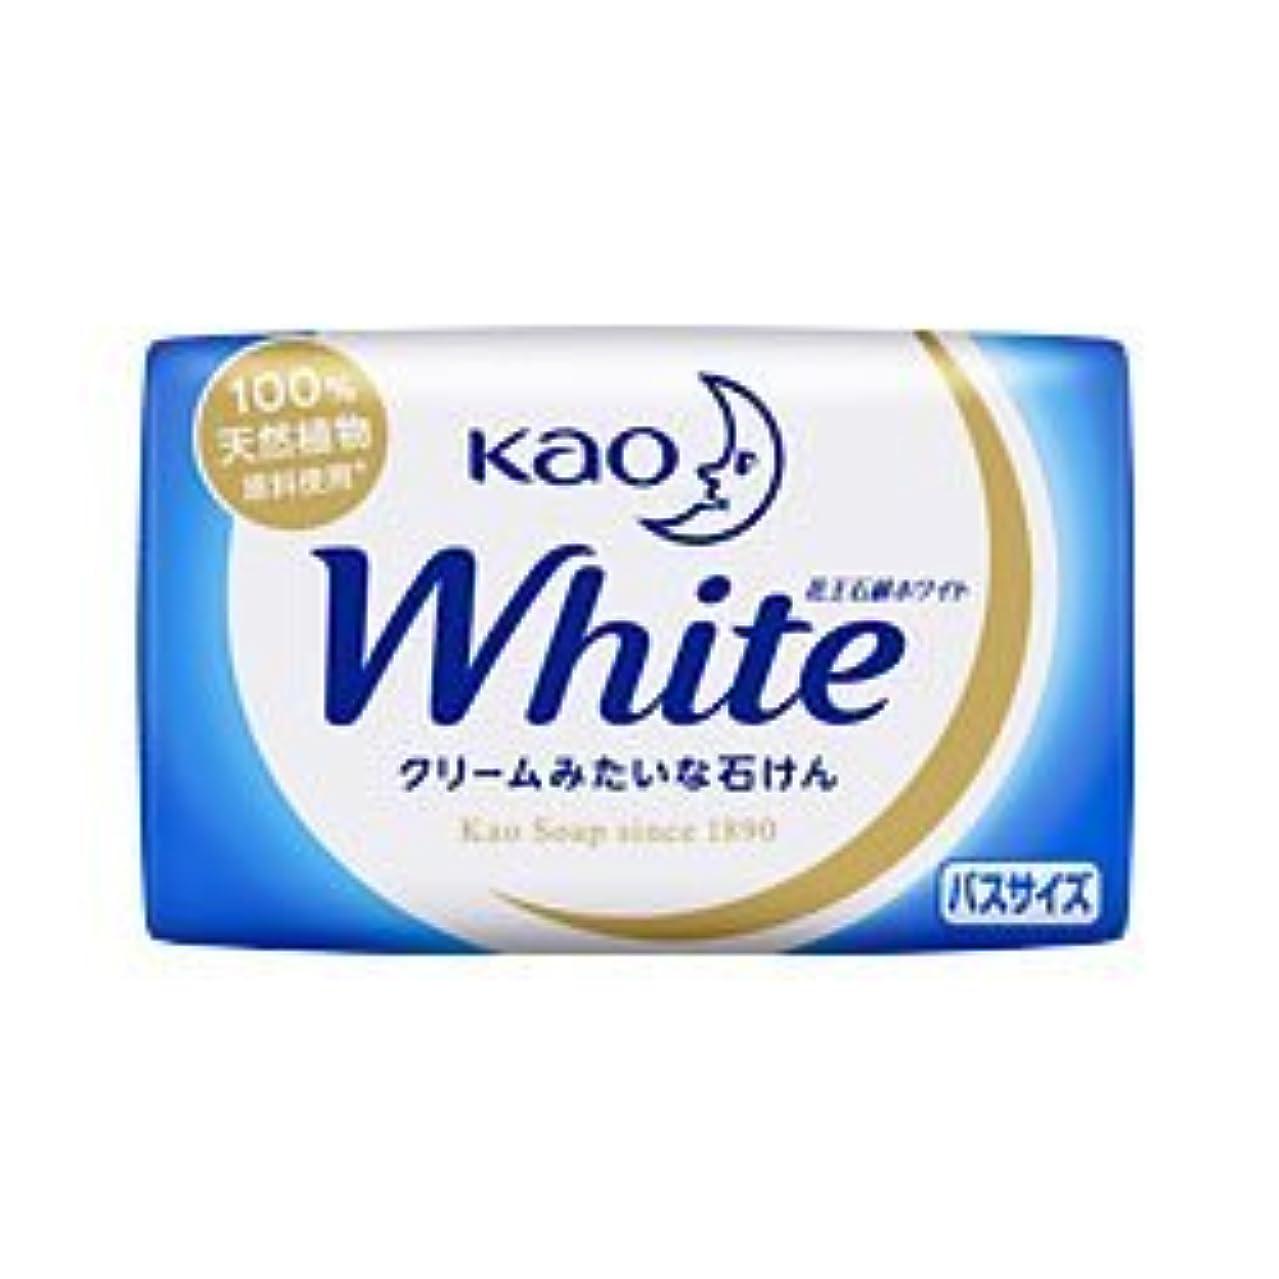 マインドの面ではキルス【花王】花王ホワイト バスサイズ 1個 130g ×10個セット